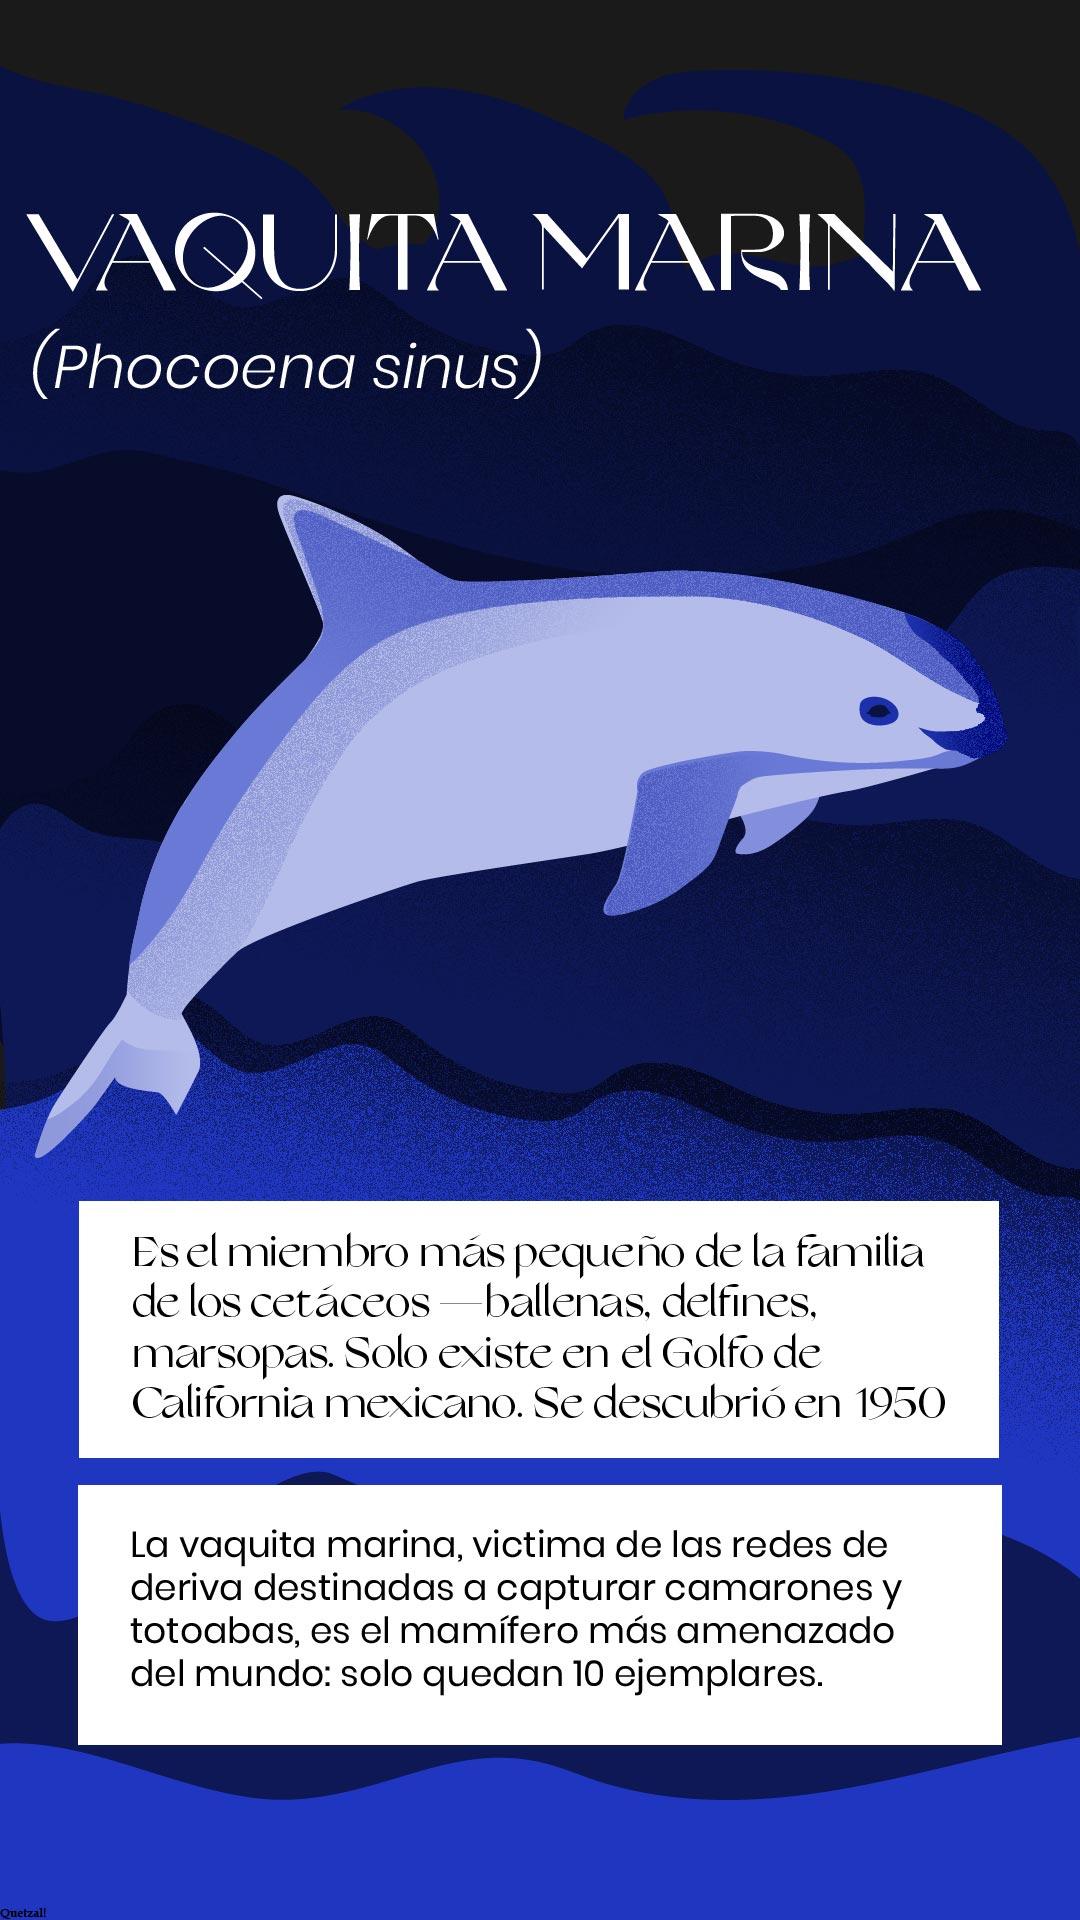 Vaquita extinción México